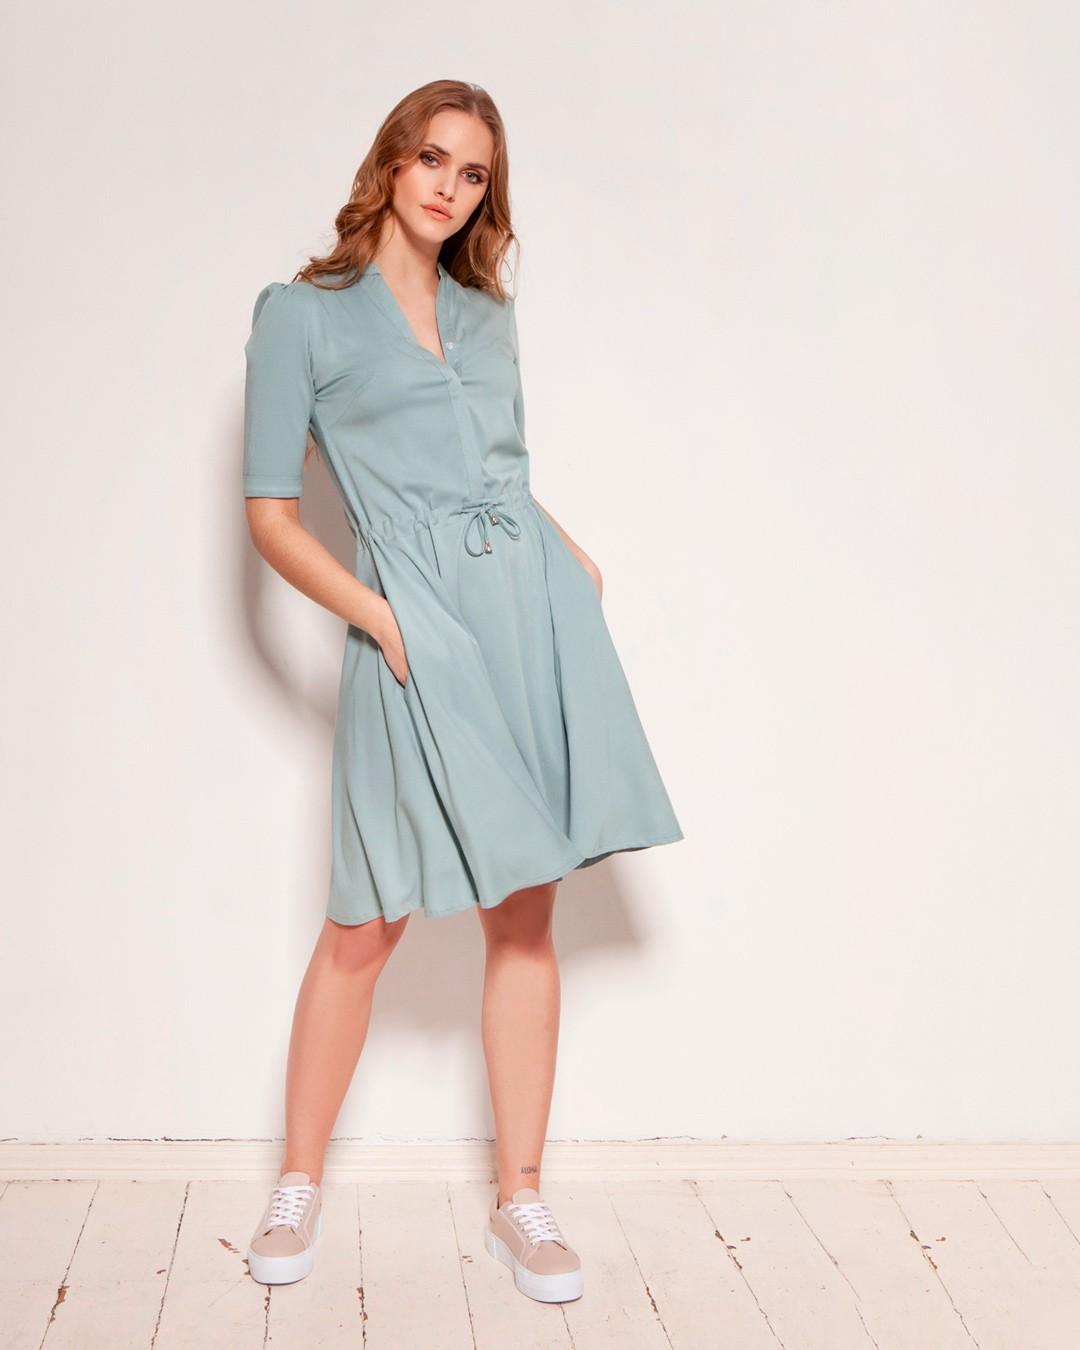 Świetnie skrojona, co potwierdzają nasze klientki, które uzbierały już całkiem pokaźne kolekcje tego modelu w różnych kolorach. Jest tak uniwersalna, że możesz ją nosić na co dzień i od święta. I gwarantujemy, że będziesz po nią sięgać wciąż i wciąż. No i ma kieszenie! #sukienka #wiskoza #sukienkazwiskozy #sukienkazkieszeniami #kieszenie #kochamykieszenie #sukienkanalato #sukienkanawesele #sukienkanachrzest #sukienkanakomunie #sukienanawiosne #wiosna2021 #nowakolekcja #springfashion #welovespring  2079